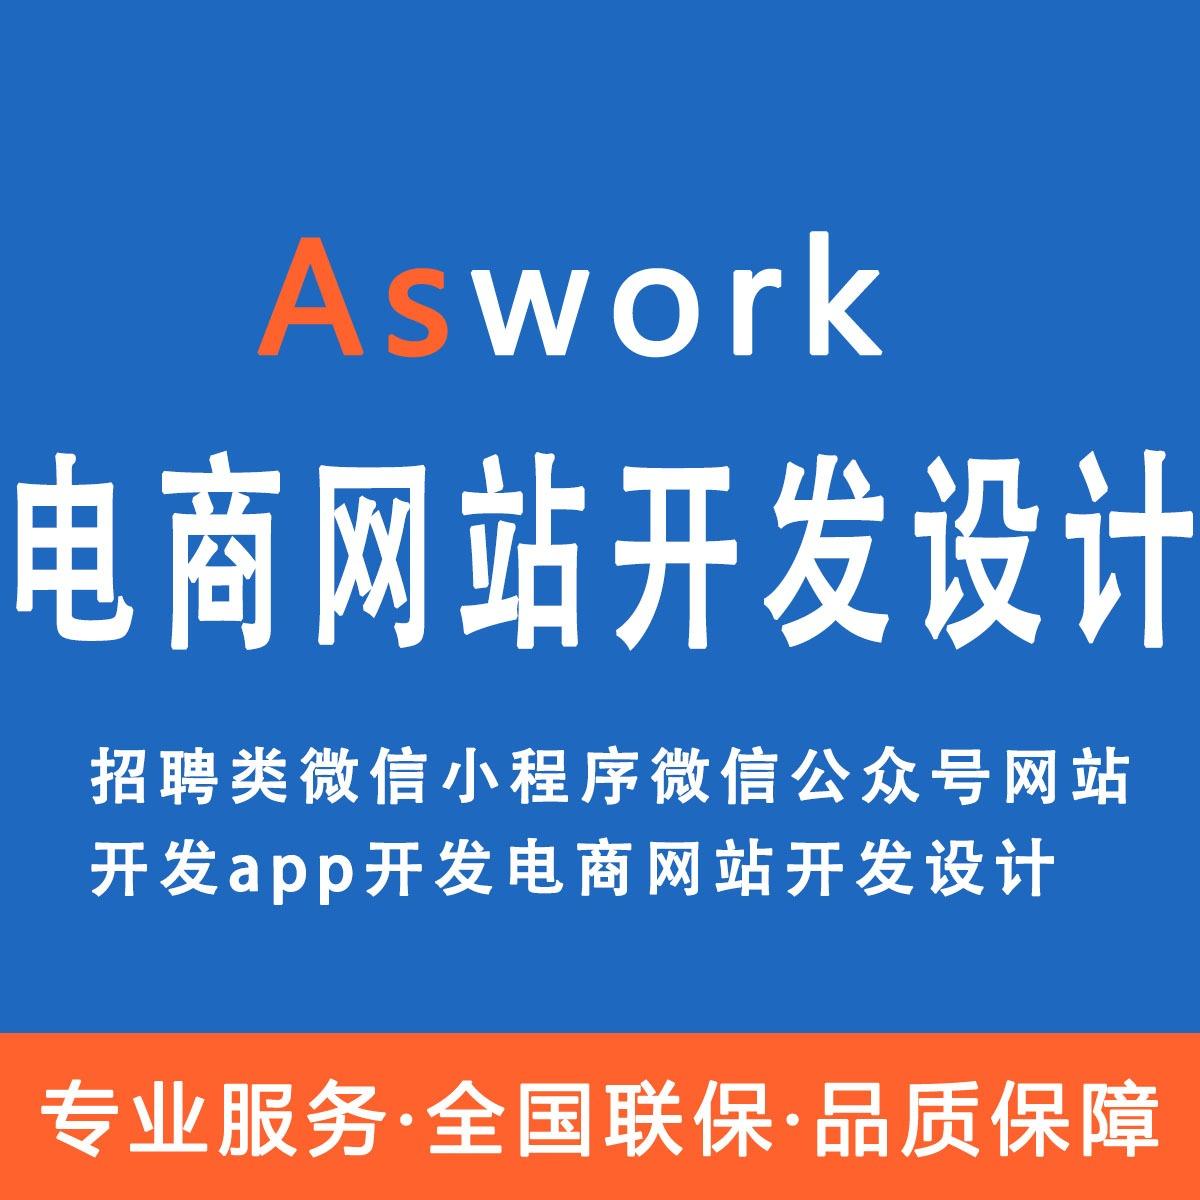 招聘类微信小程序微信公众号网站开发app开发电商网站开发设计